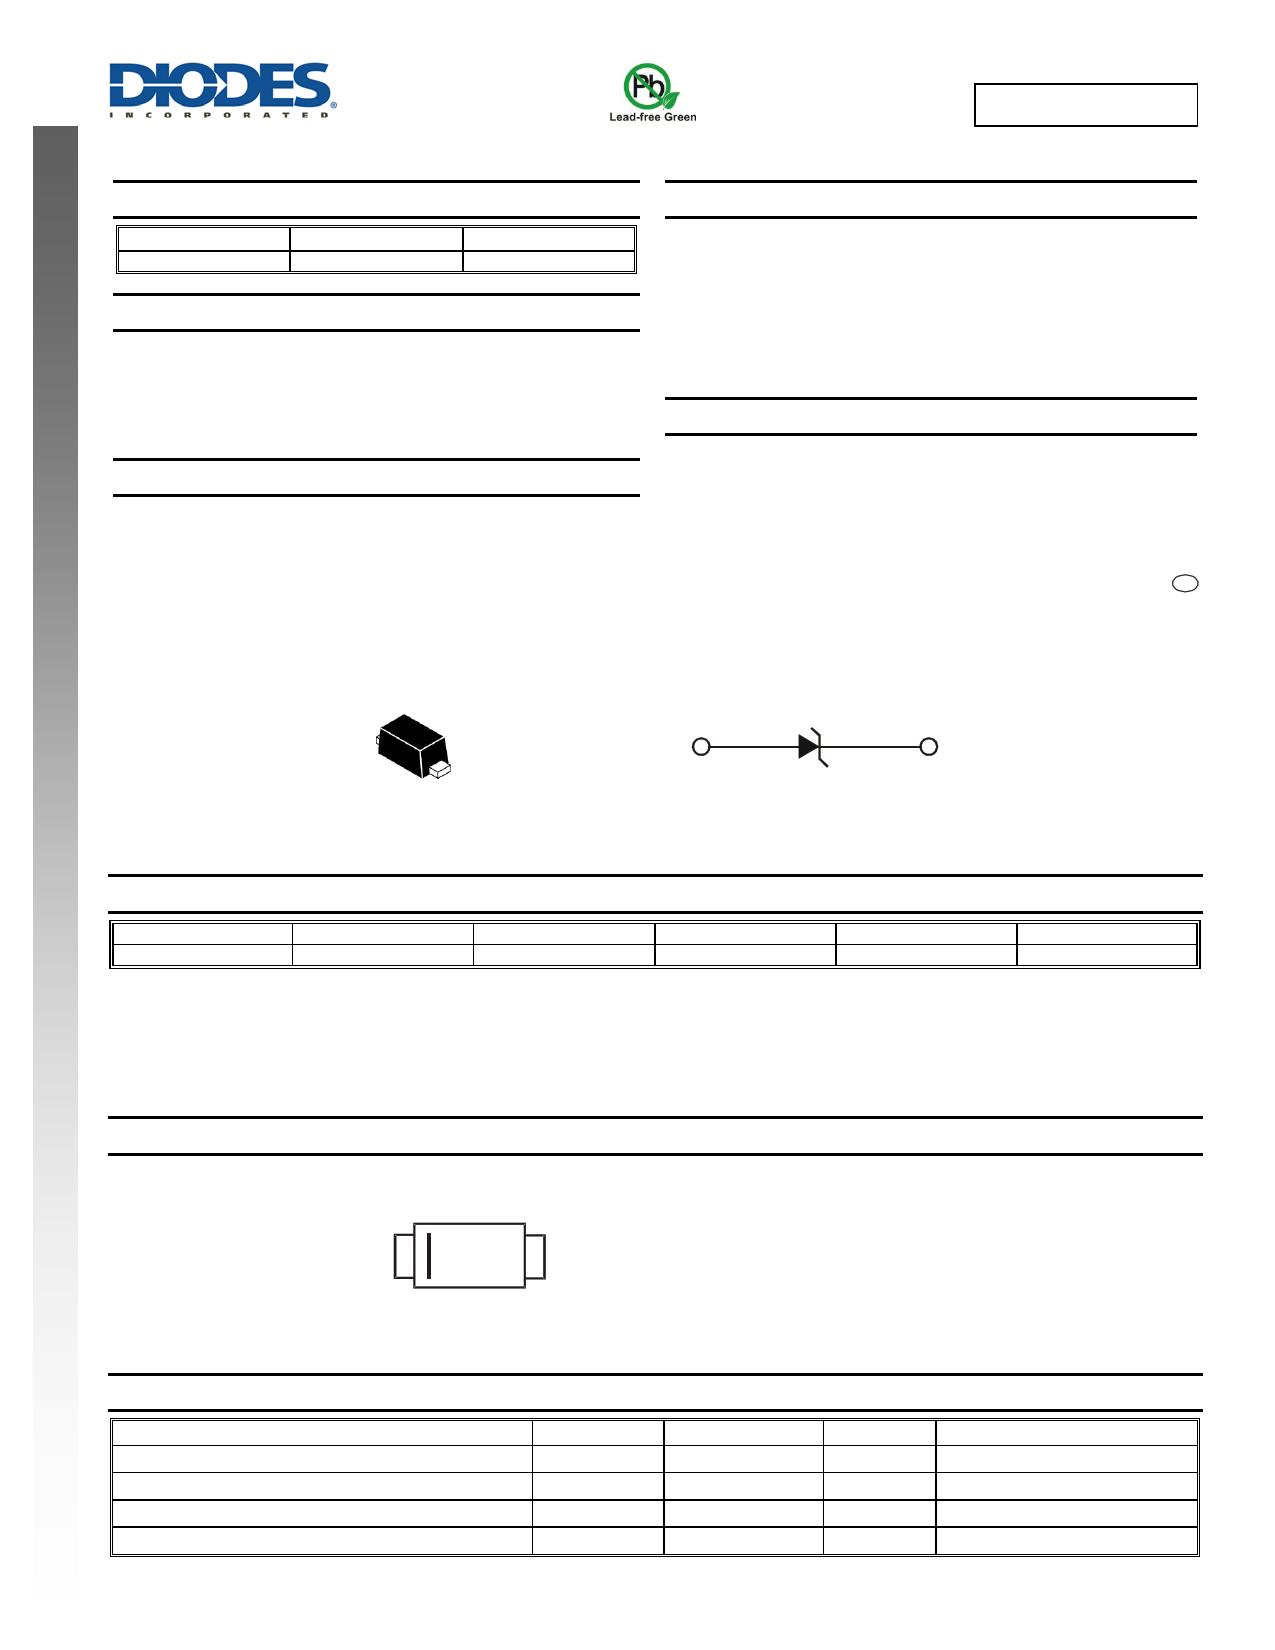 D12V0M1U2S9 Datasheet, D12V0M1U2S9 PDF,ピン配置, 機能